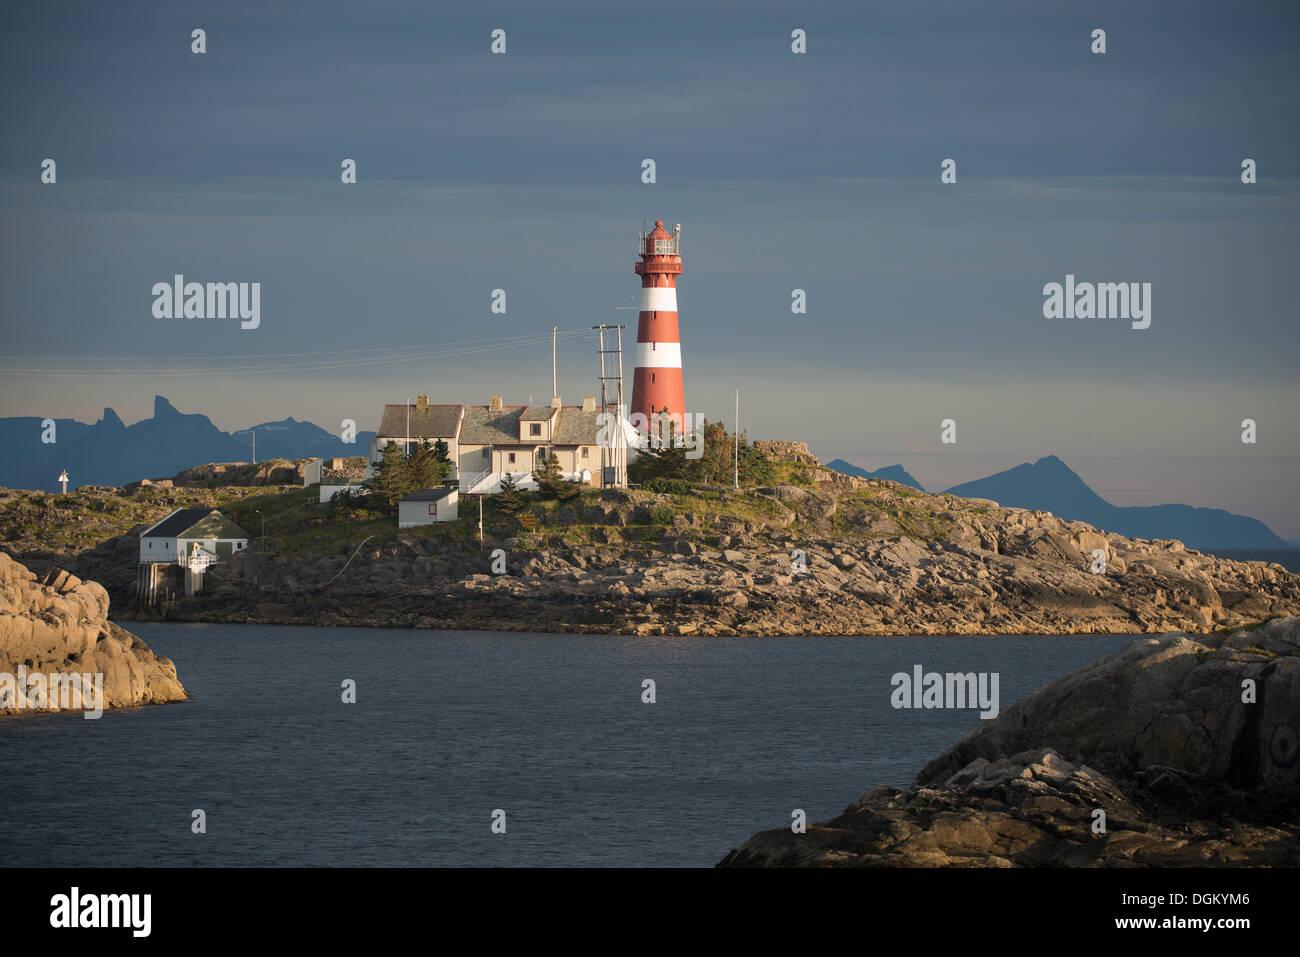 Leuchtturm und Gebäuden im Abendlicht, Ort Und Inselgruppe Skrova, Gemeinde Vågan, Inselgruppe Lofoten,, Nordland Stockbild